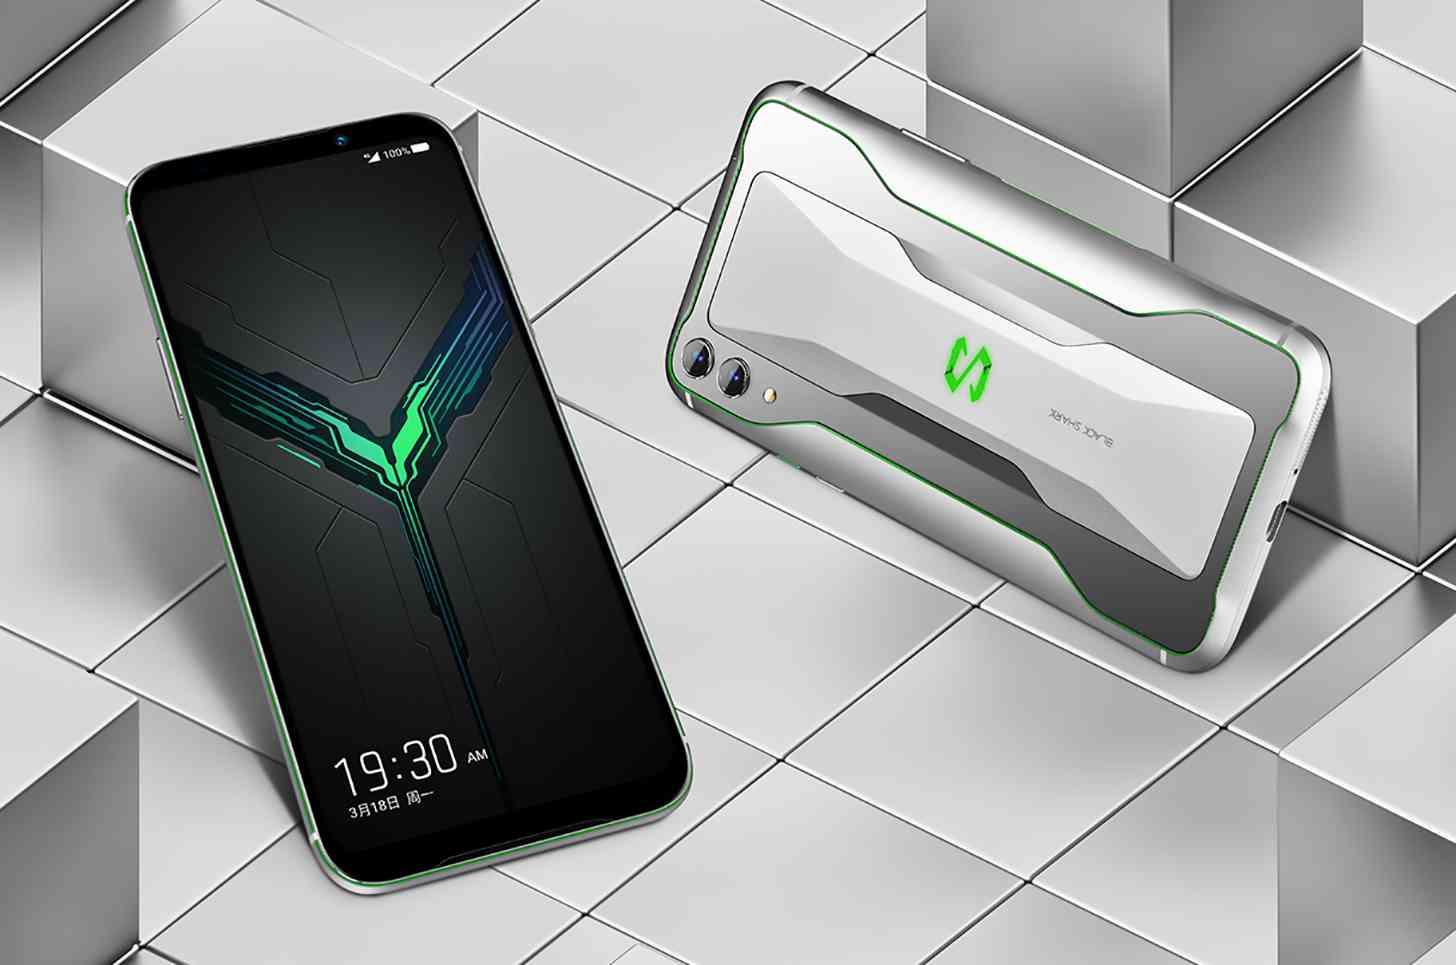 3 марта Xiaomi Black Shark показали новый флагманский игровой смартфон третьего поколения Как и ожидалось модель заняла свое место в списке самых мощных телефонов